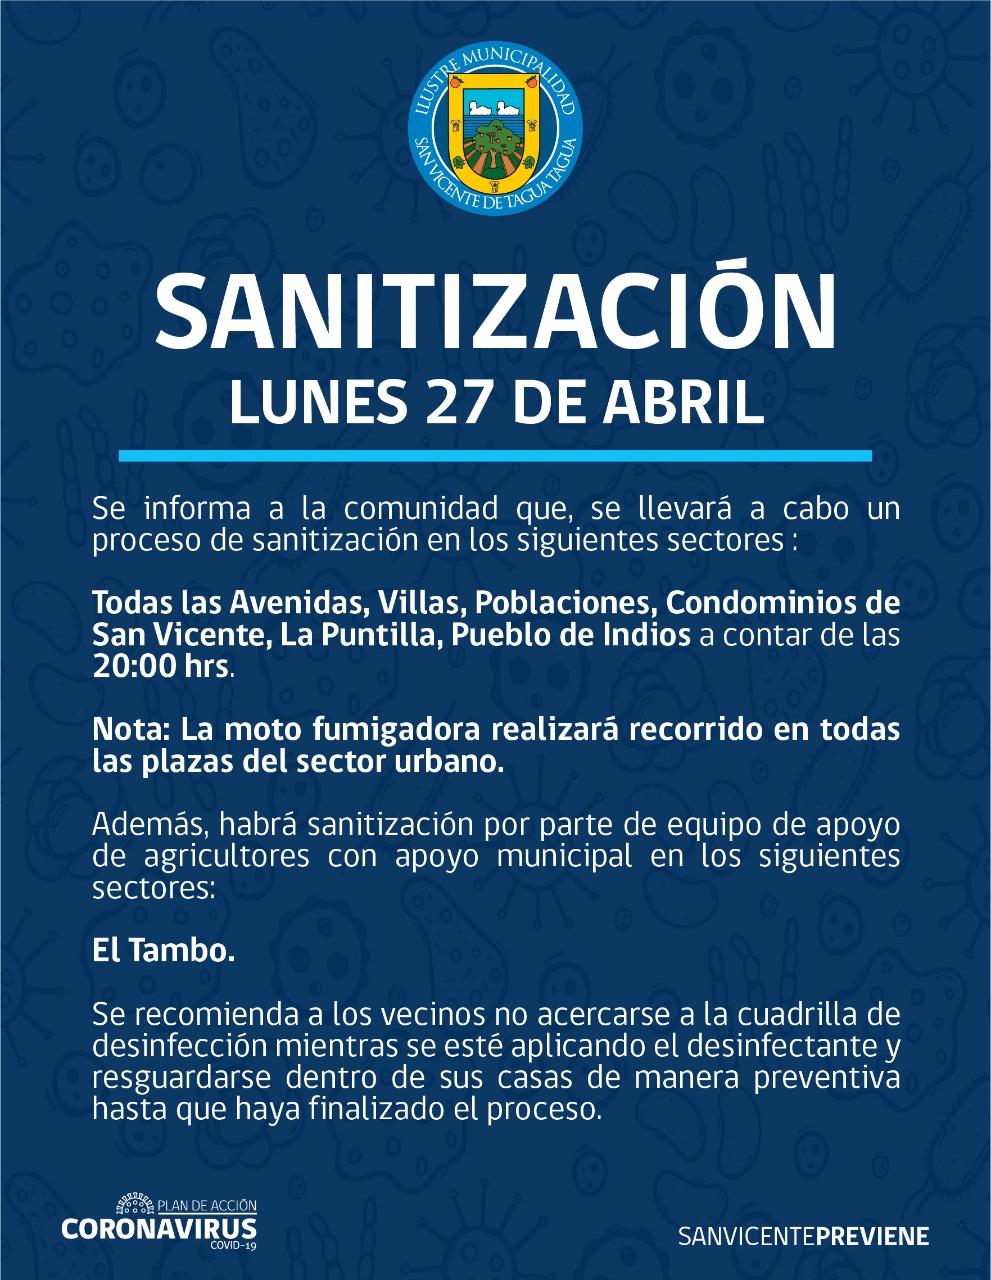 SE INFORMA SANITIZACIÓN PROGRAMADA PARA HOY LUNES 27 DE ABRIL